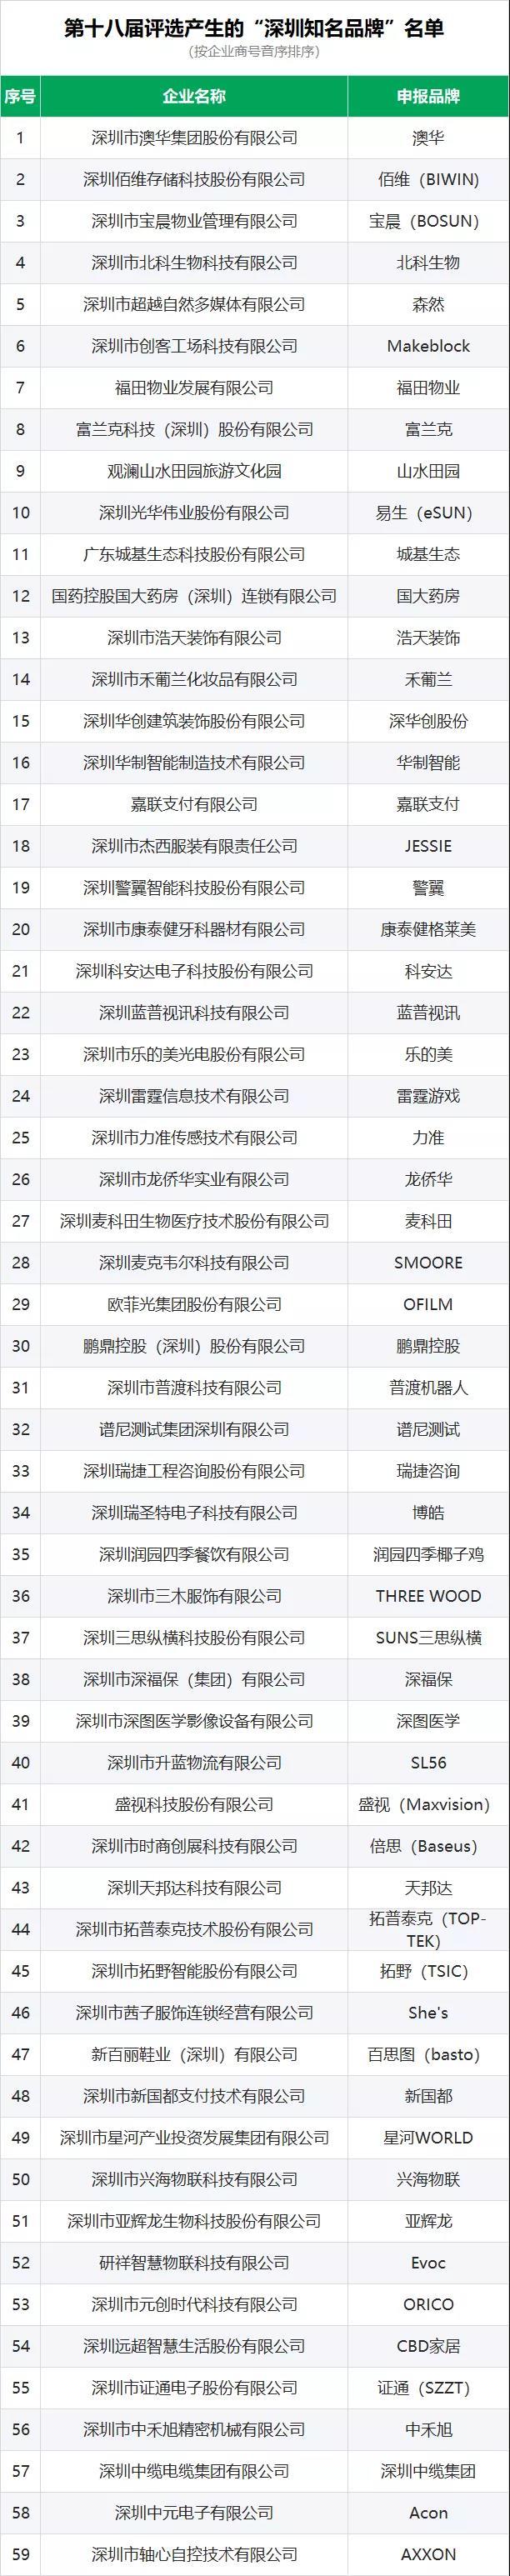 城基生态 喜获第十八届深圳知名品牌殊荣